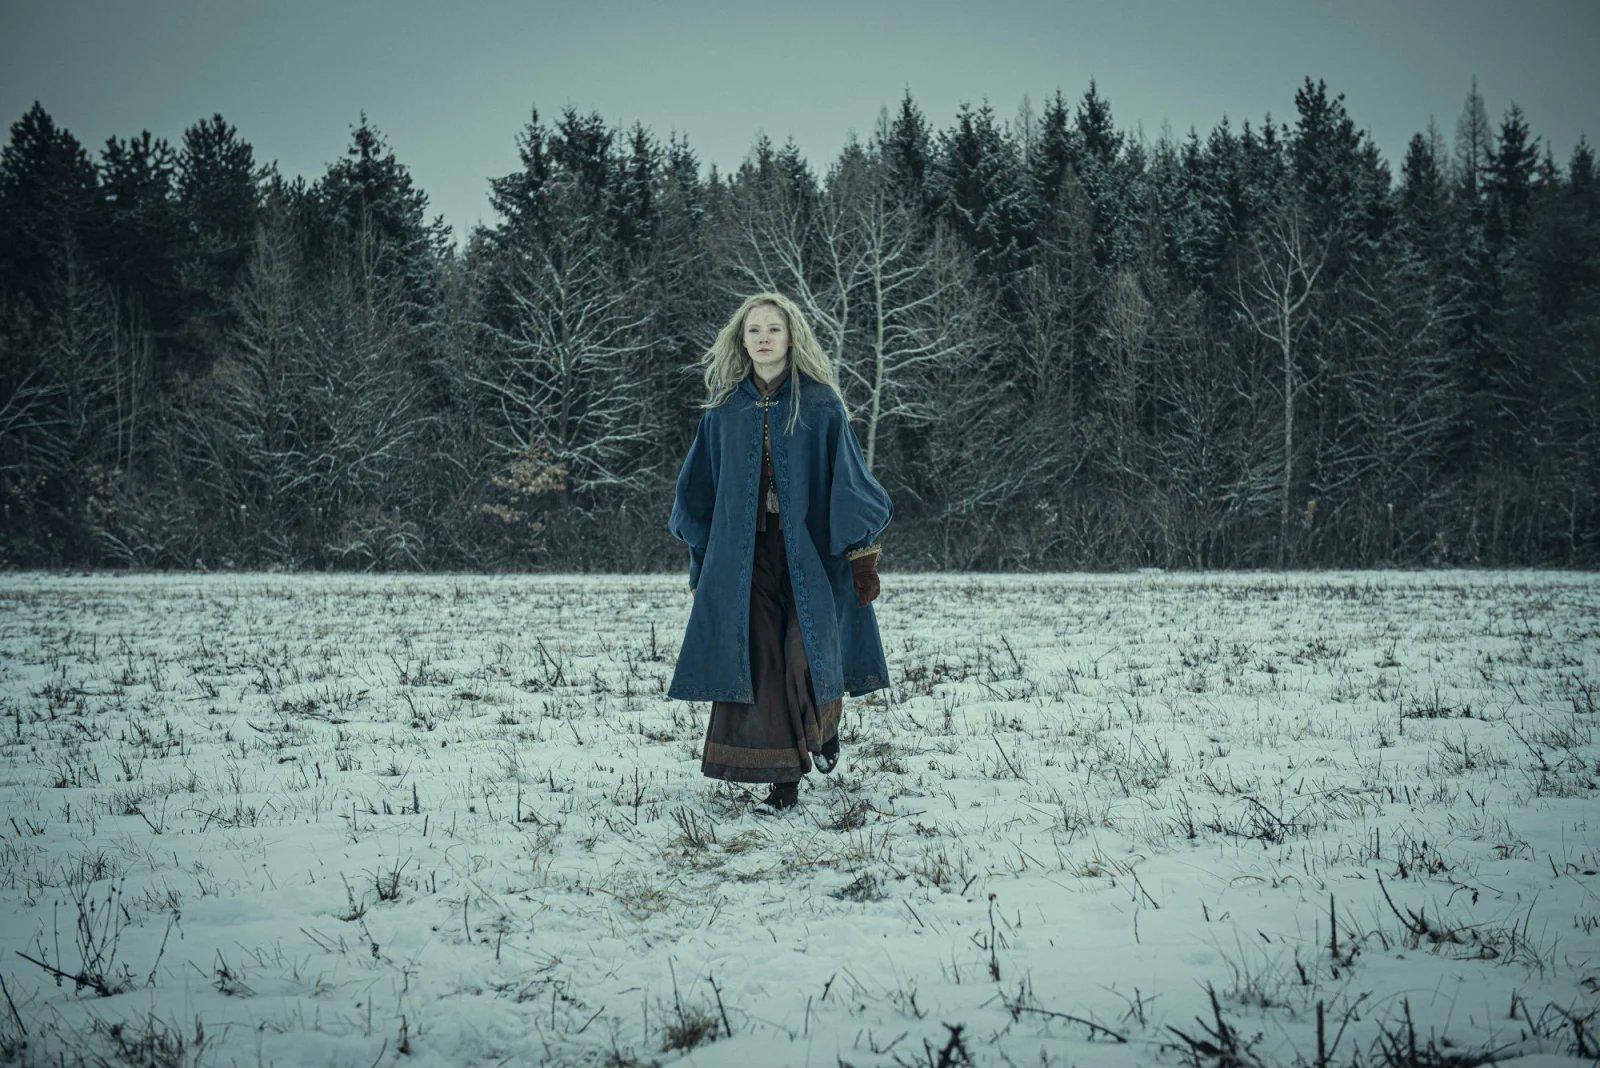 更多Netflix《巫師》劇照曝光!藍袍希里踏雪登場